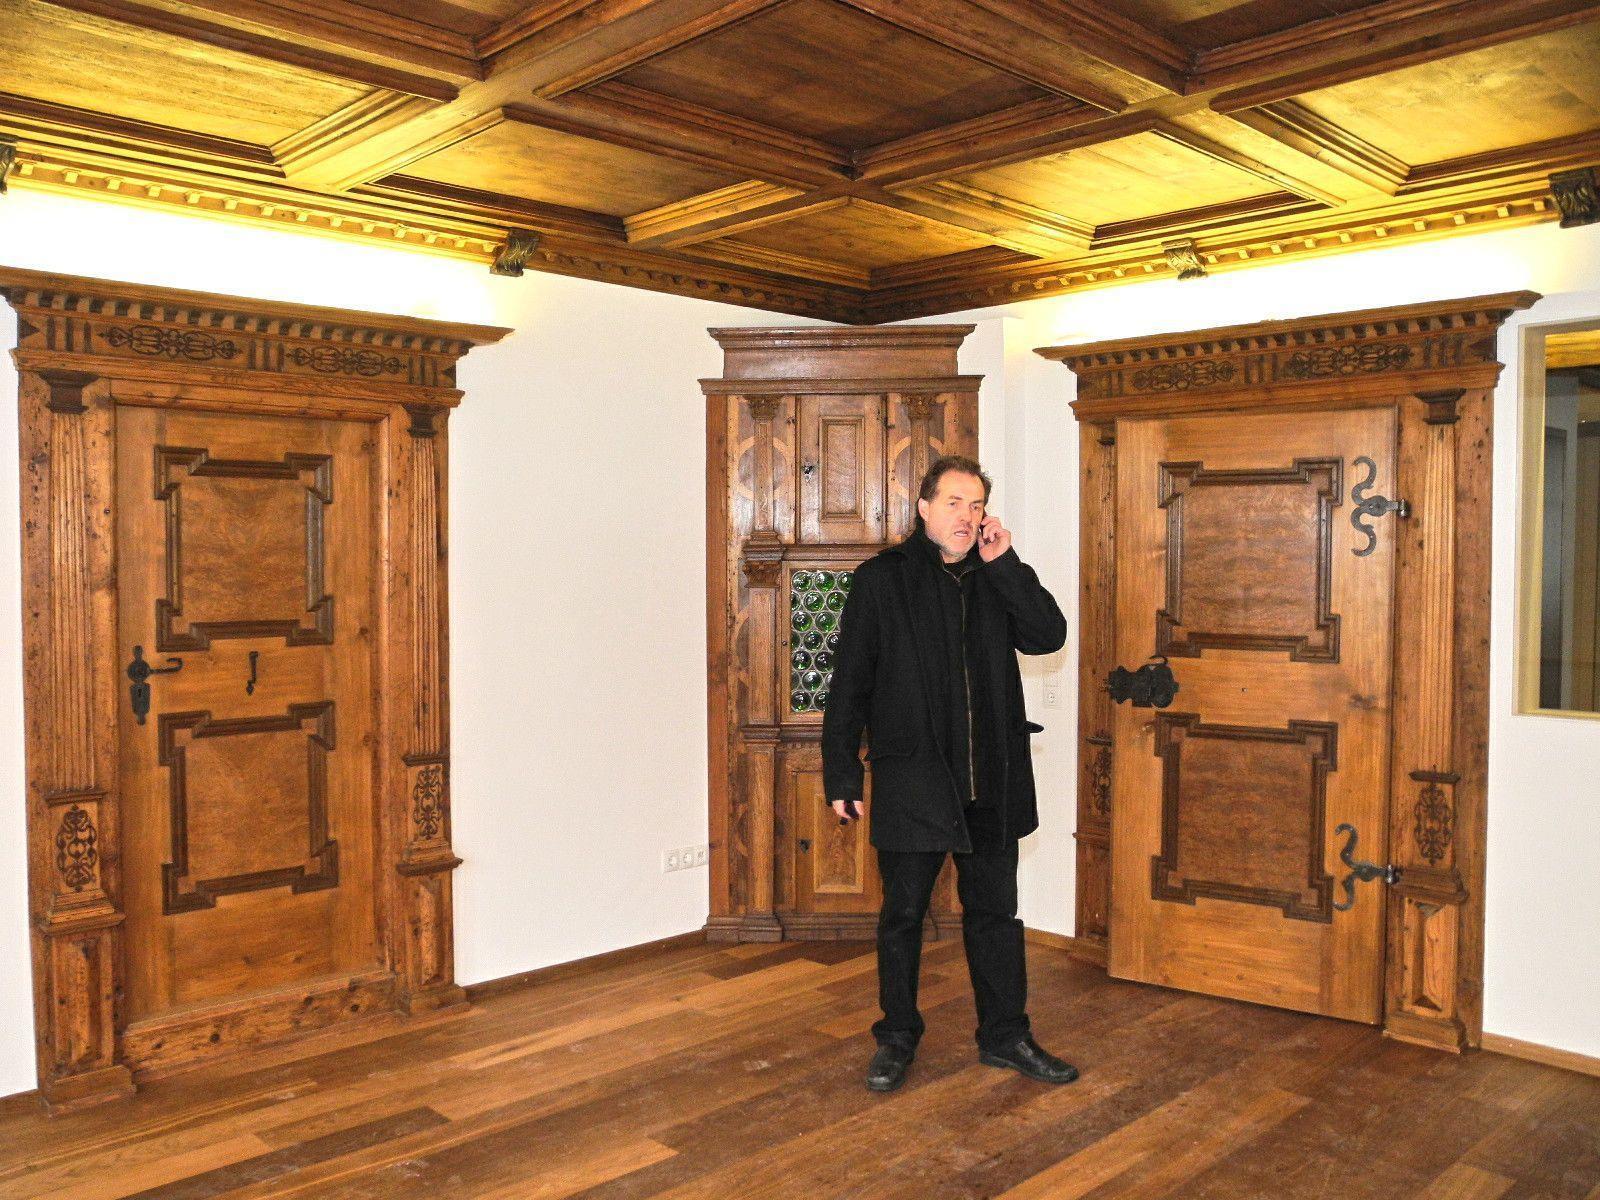 Architekt Josef Schwärzler im Renaissance-Zimmer, ein Juwel mittelalterlicher Baukunst